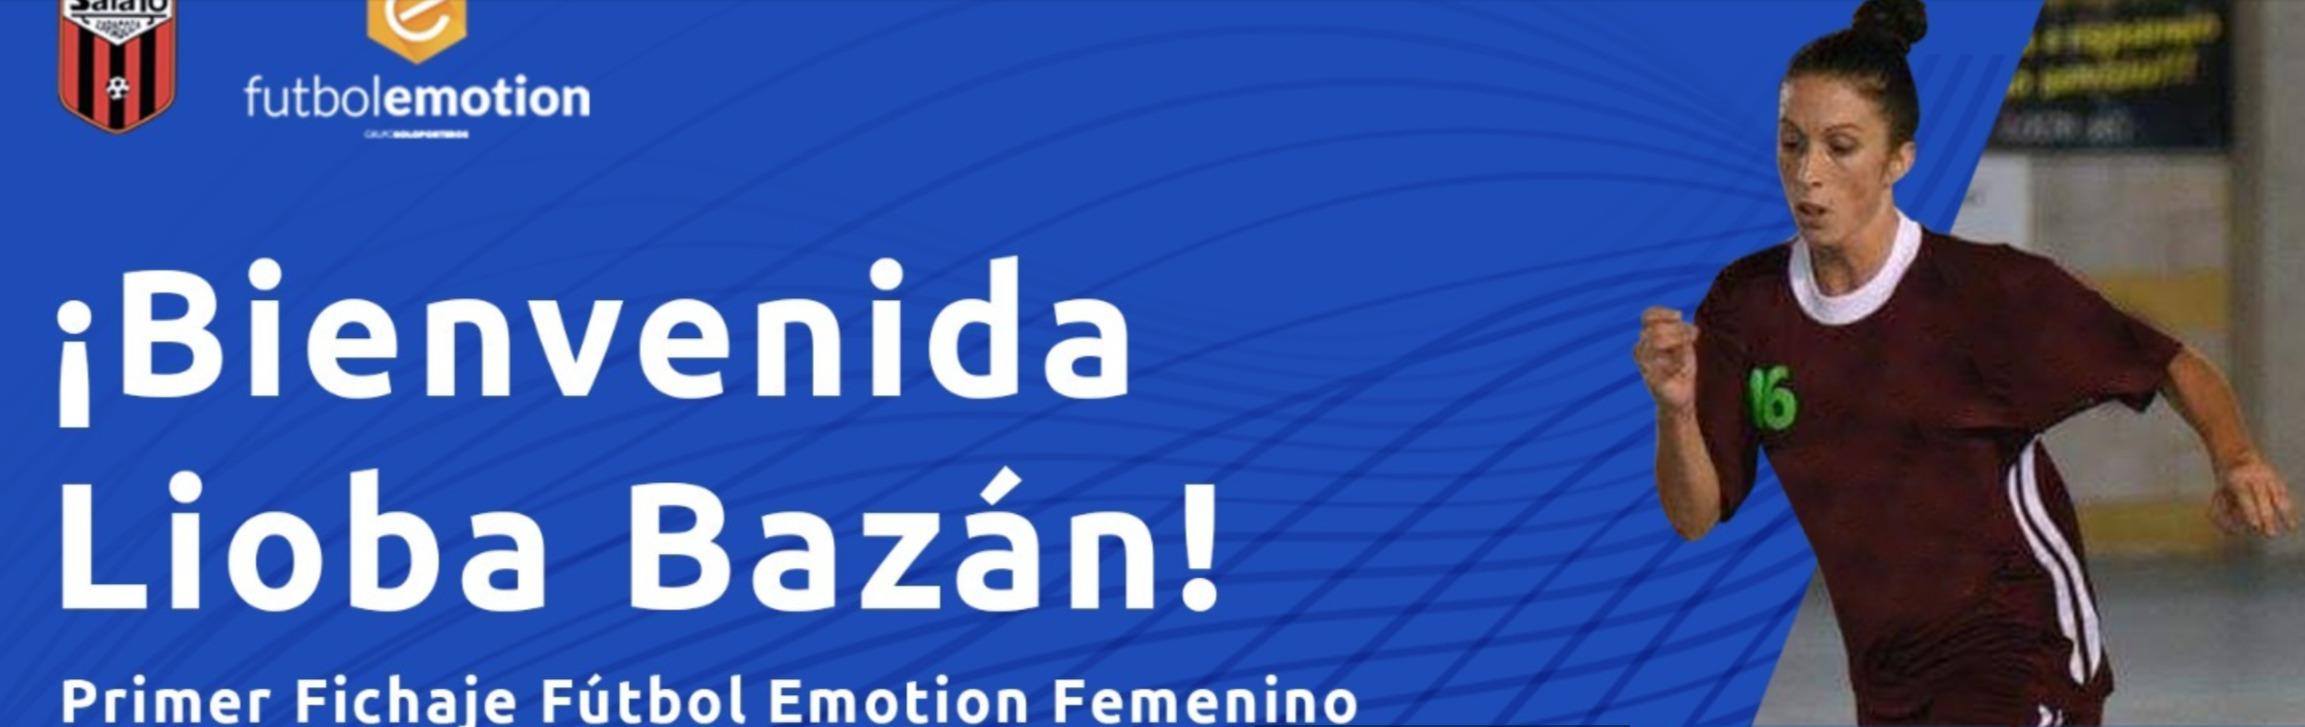 Principio de acuerdo con Lioba Bazán para que lidere al Fútbol Emotion Zaragoza